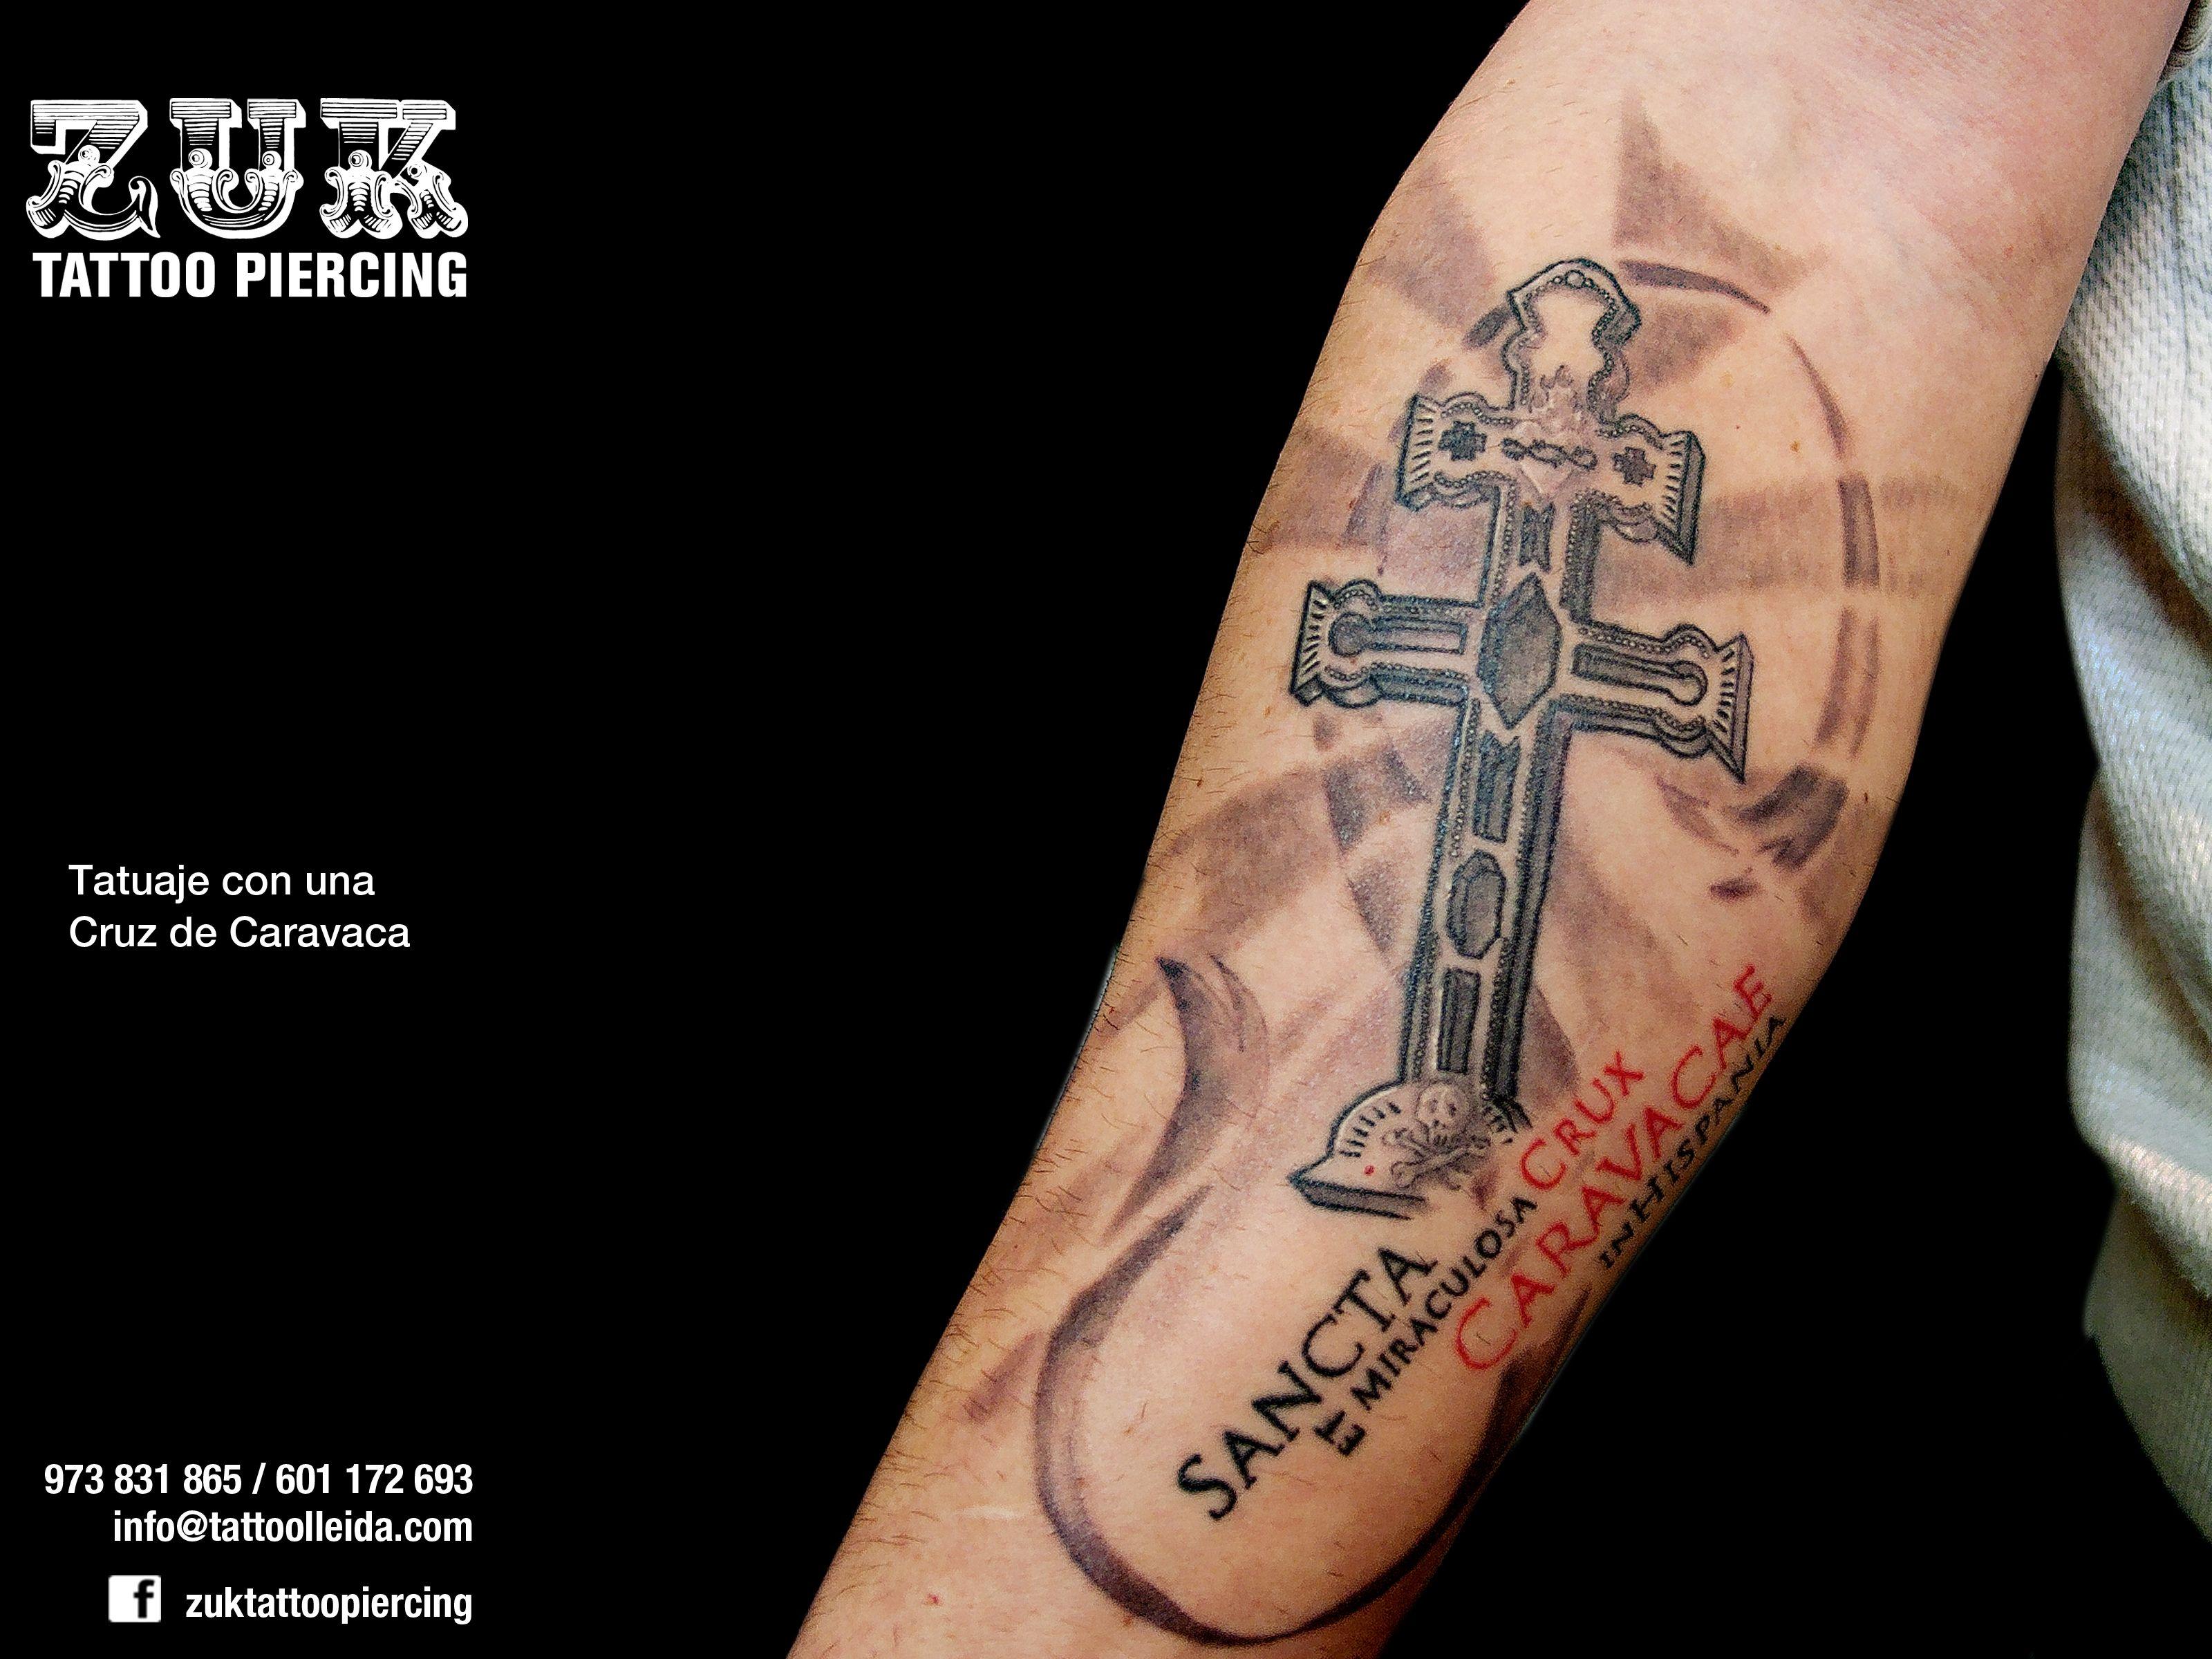 Tatuaje con una Cruz de Caravaca. | Simbolos para tatuajes, Tatuaje de  cruz, Cruz caravaca